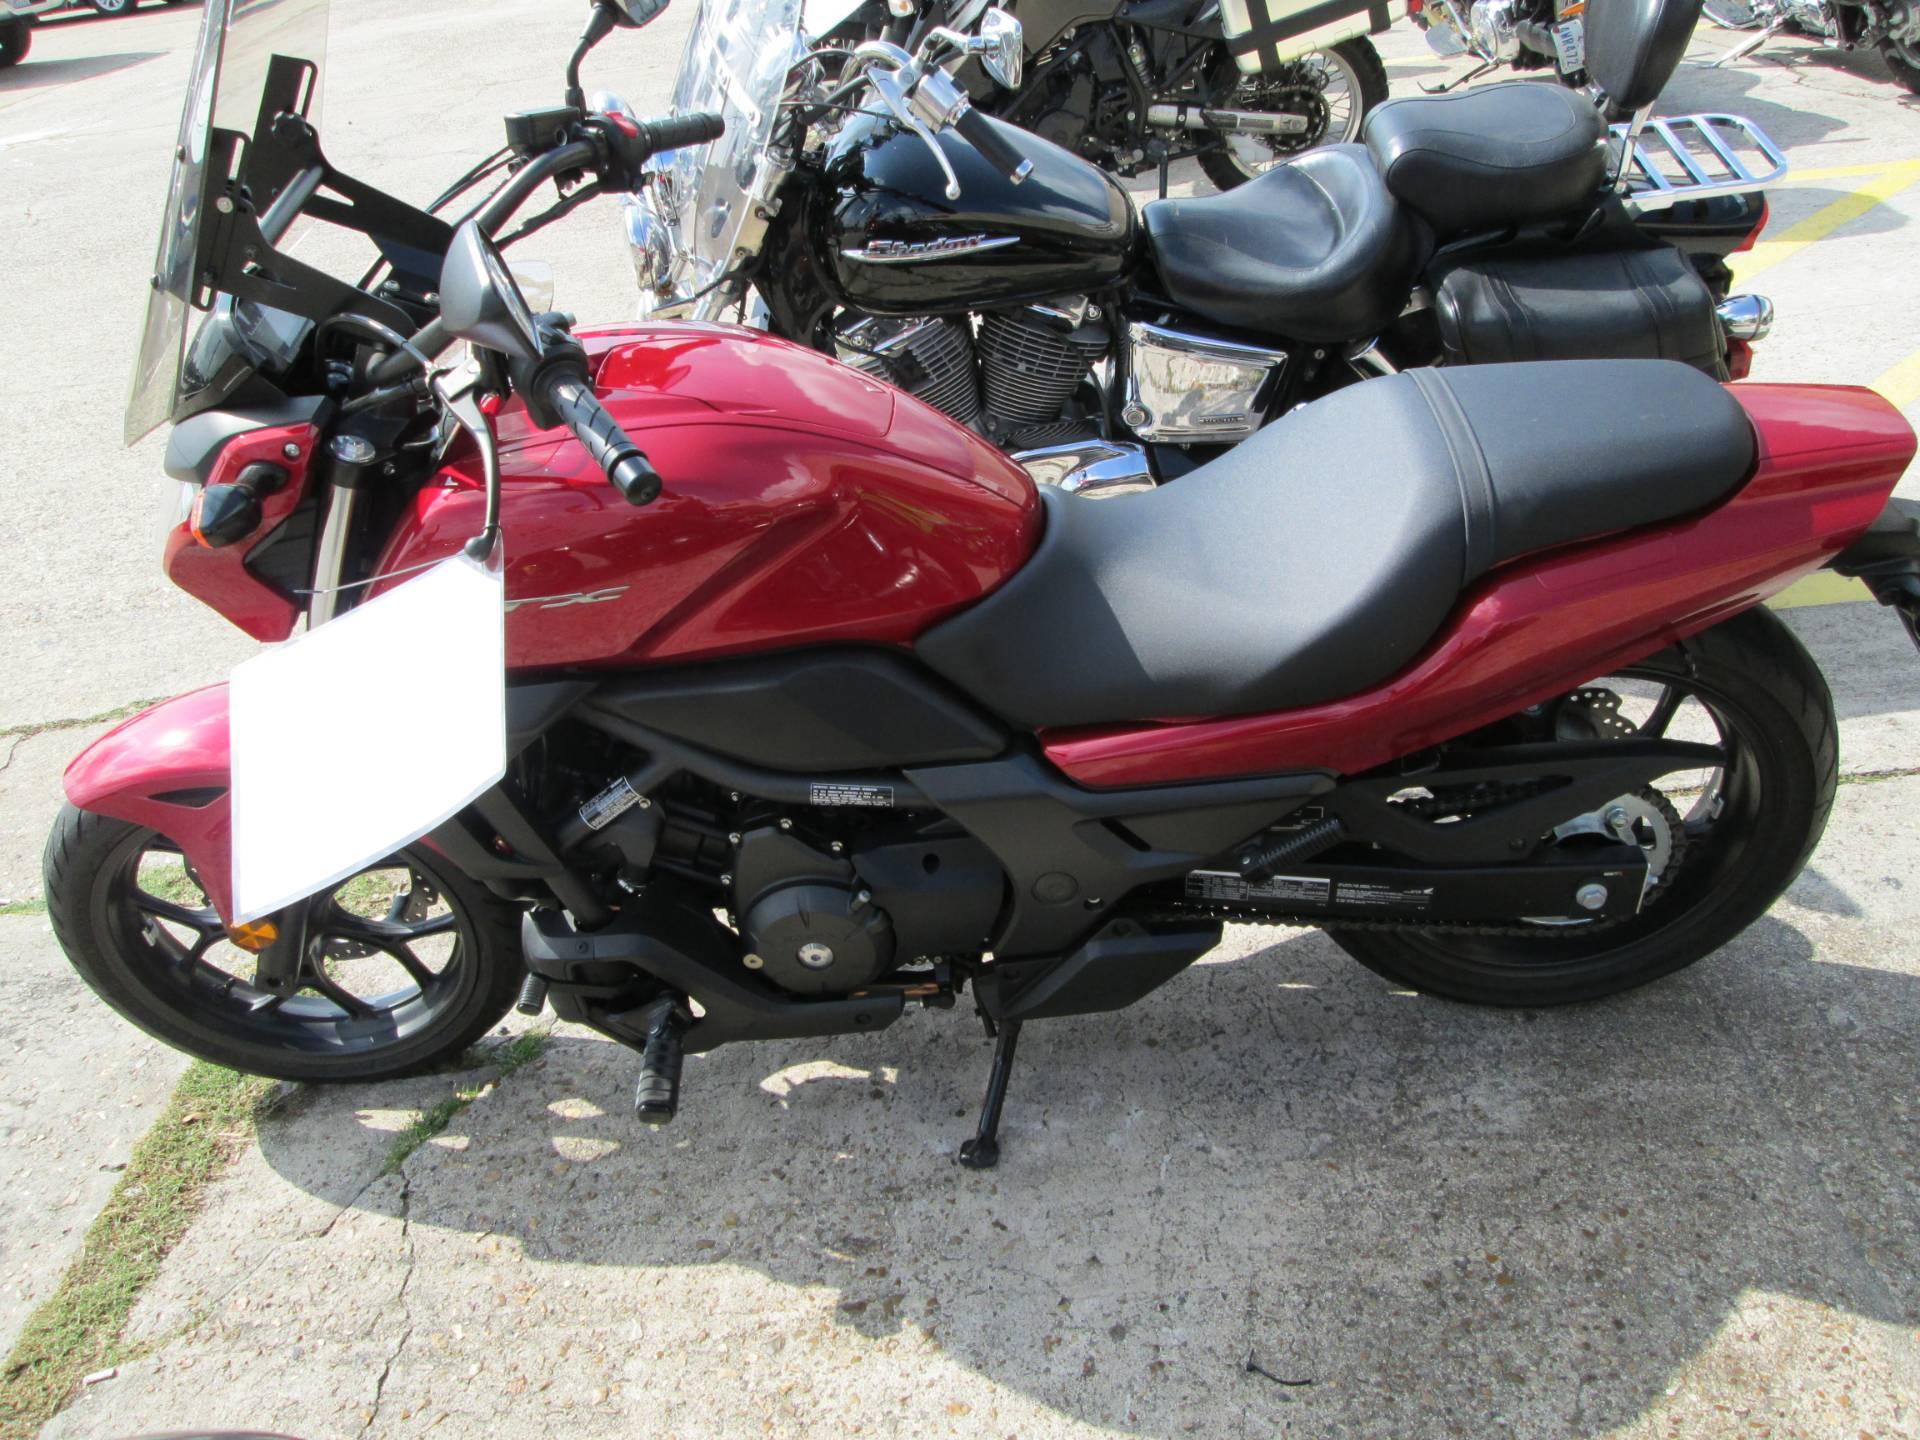 Used 2014 Honda CTX®700N Motorcycles in Houston, TX | Stock Number: N/A